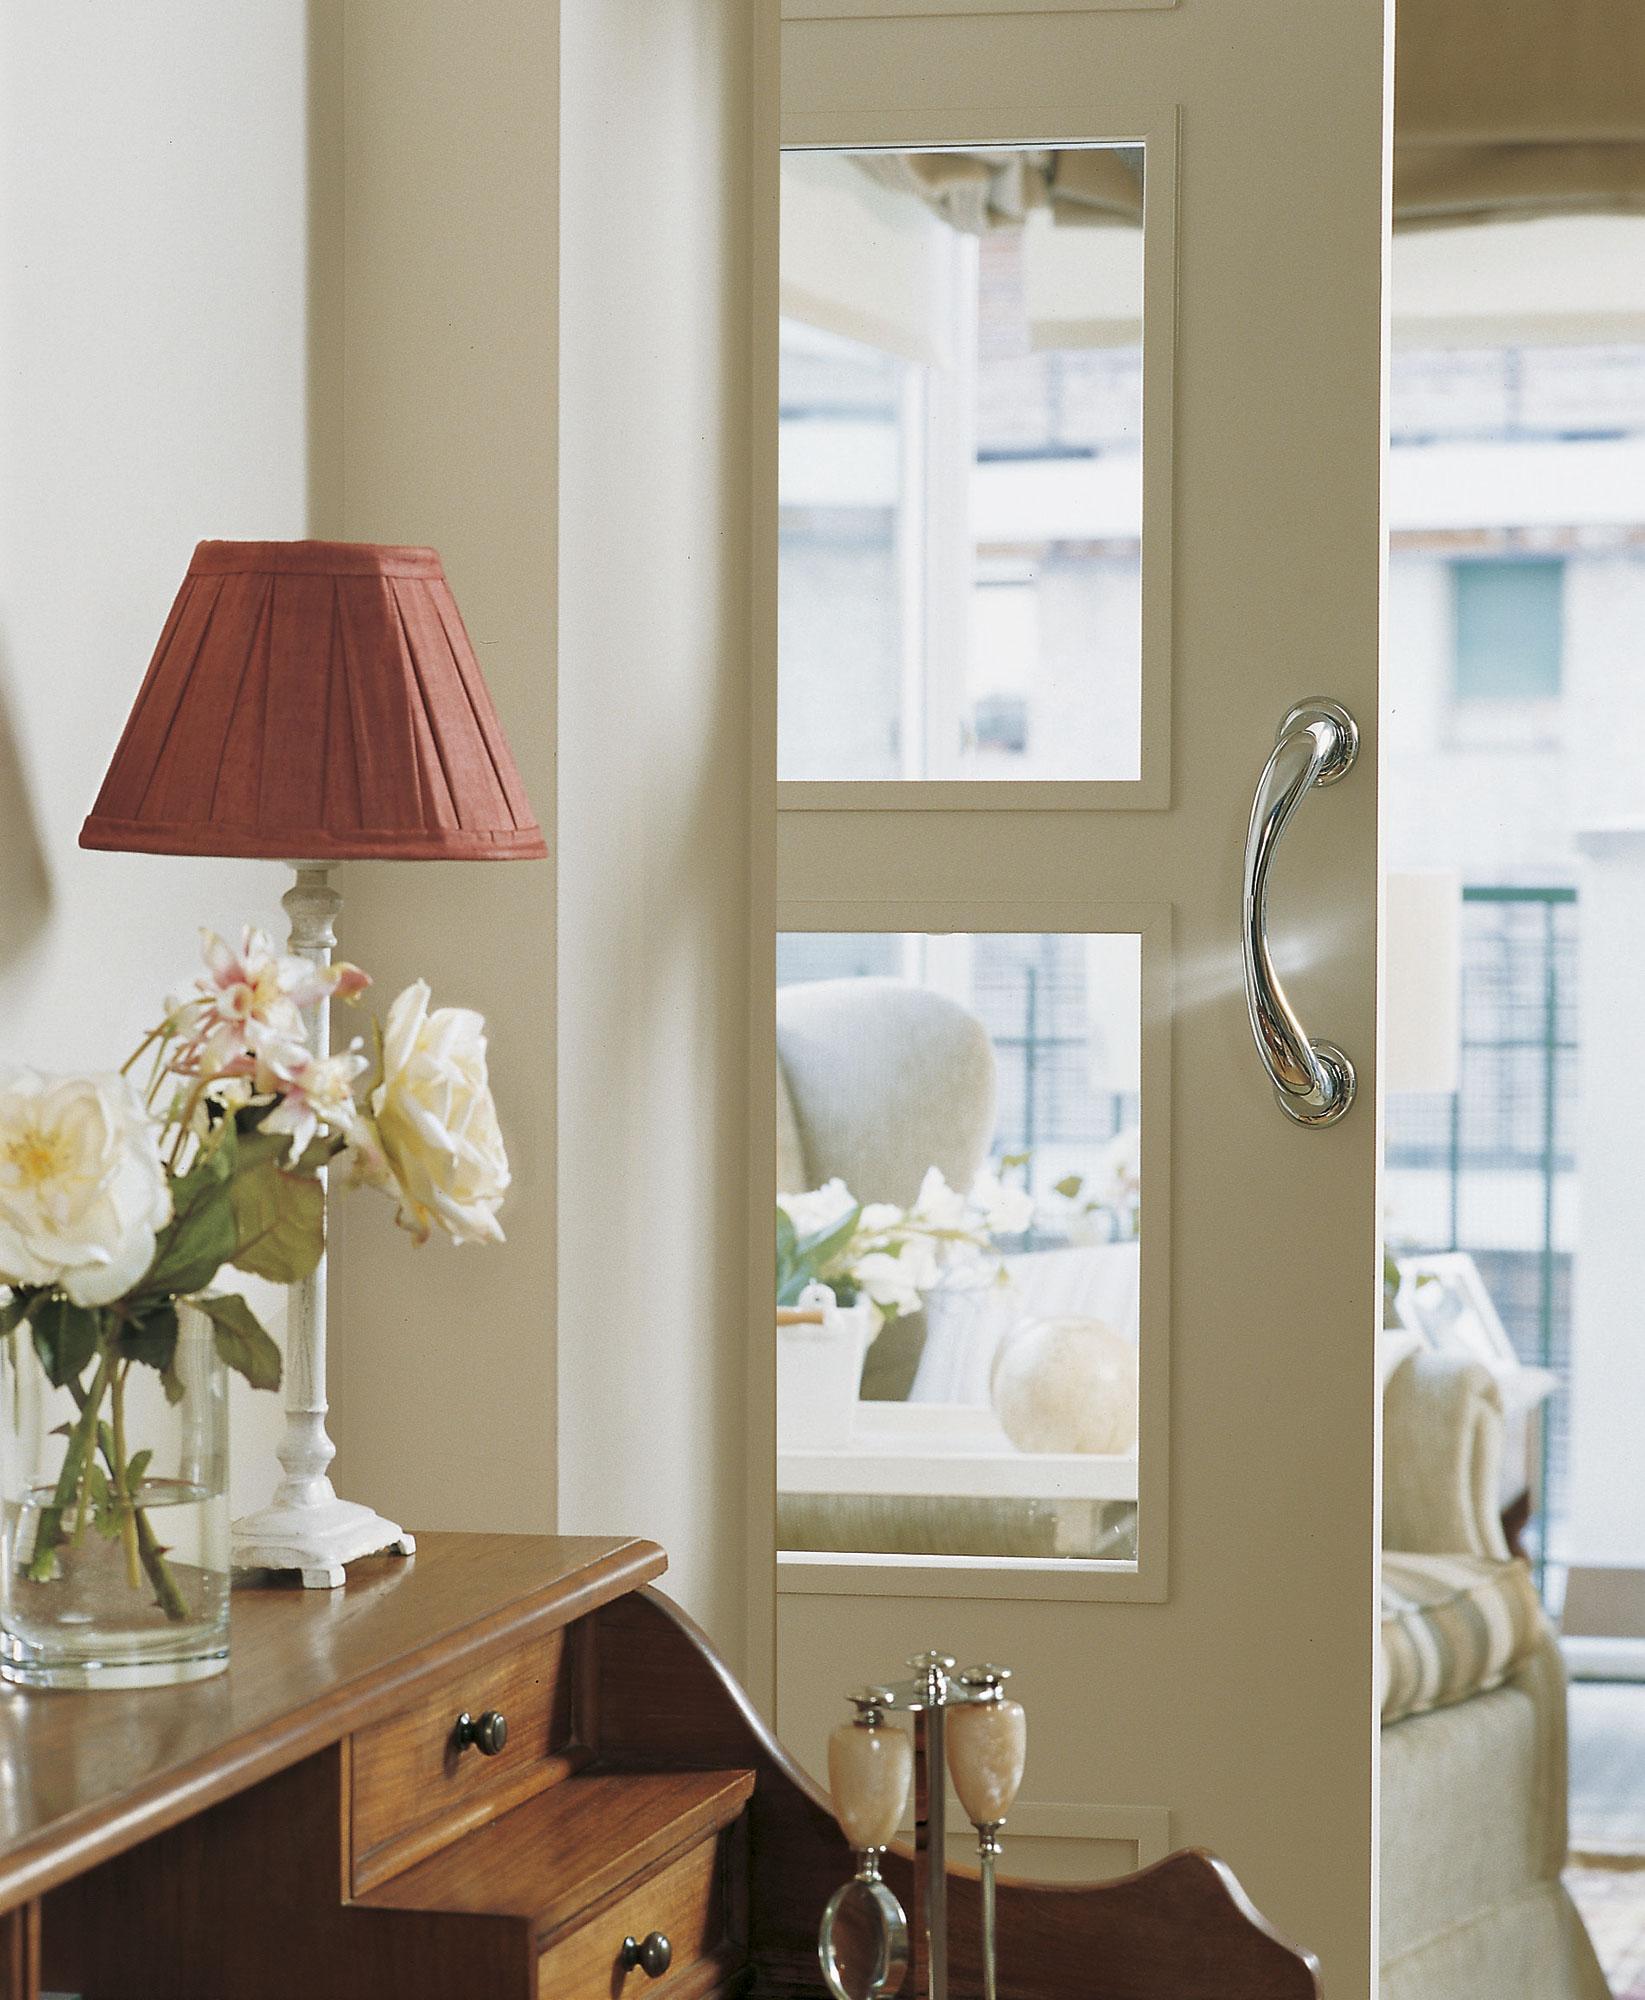 Cambiar puertas de cocina latest pintar los muebles de la - Cambiar puertas de cocina ...